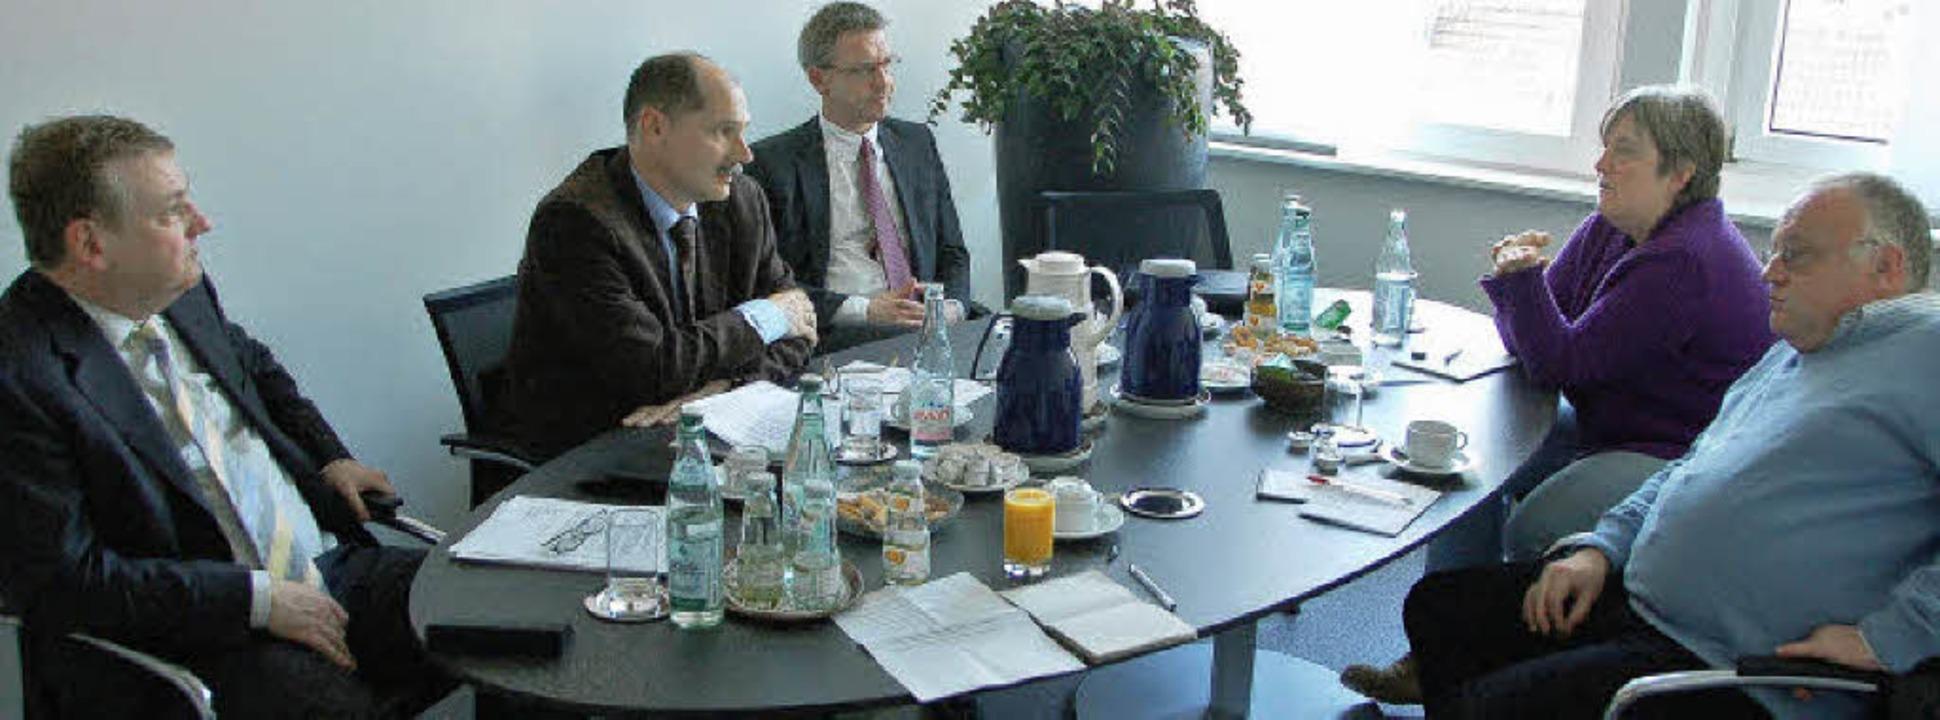 Beim BZ-Gespräch mit der Schluchseewer...inbeck, Katja Mielcarek und Axel Kremp  | Foto: Michael Krug